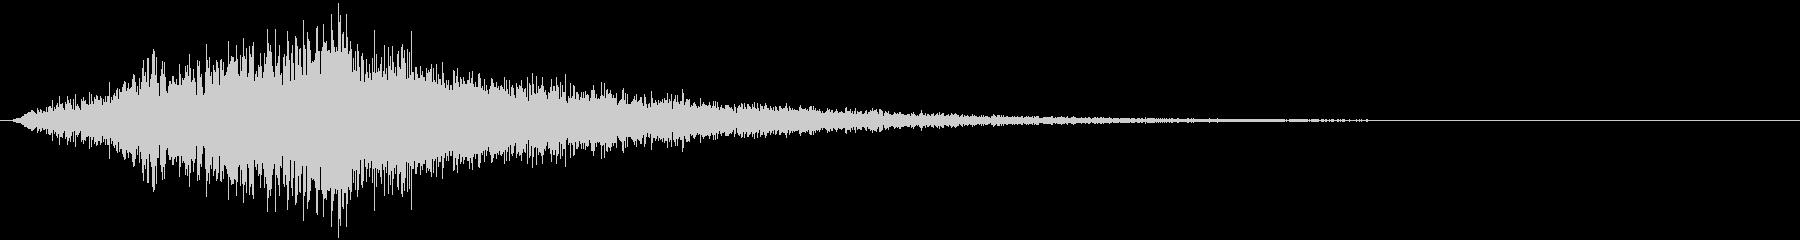 【ホラー】SFX_緊張感_02 ビーストの未再生の波形